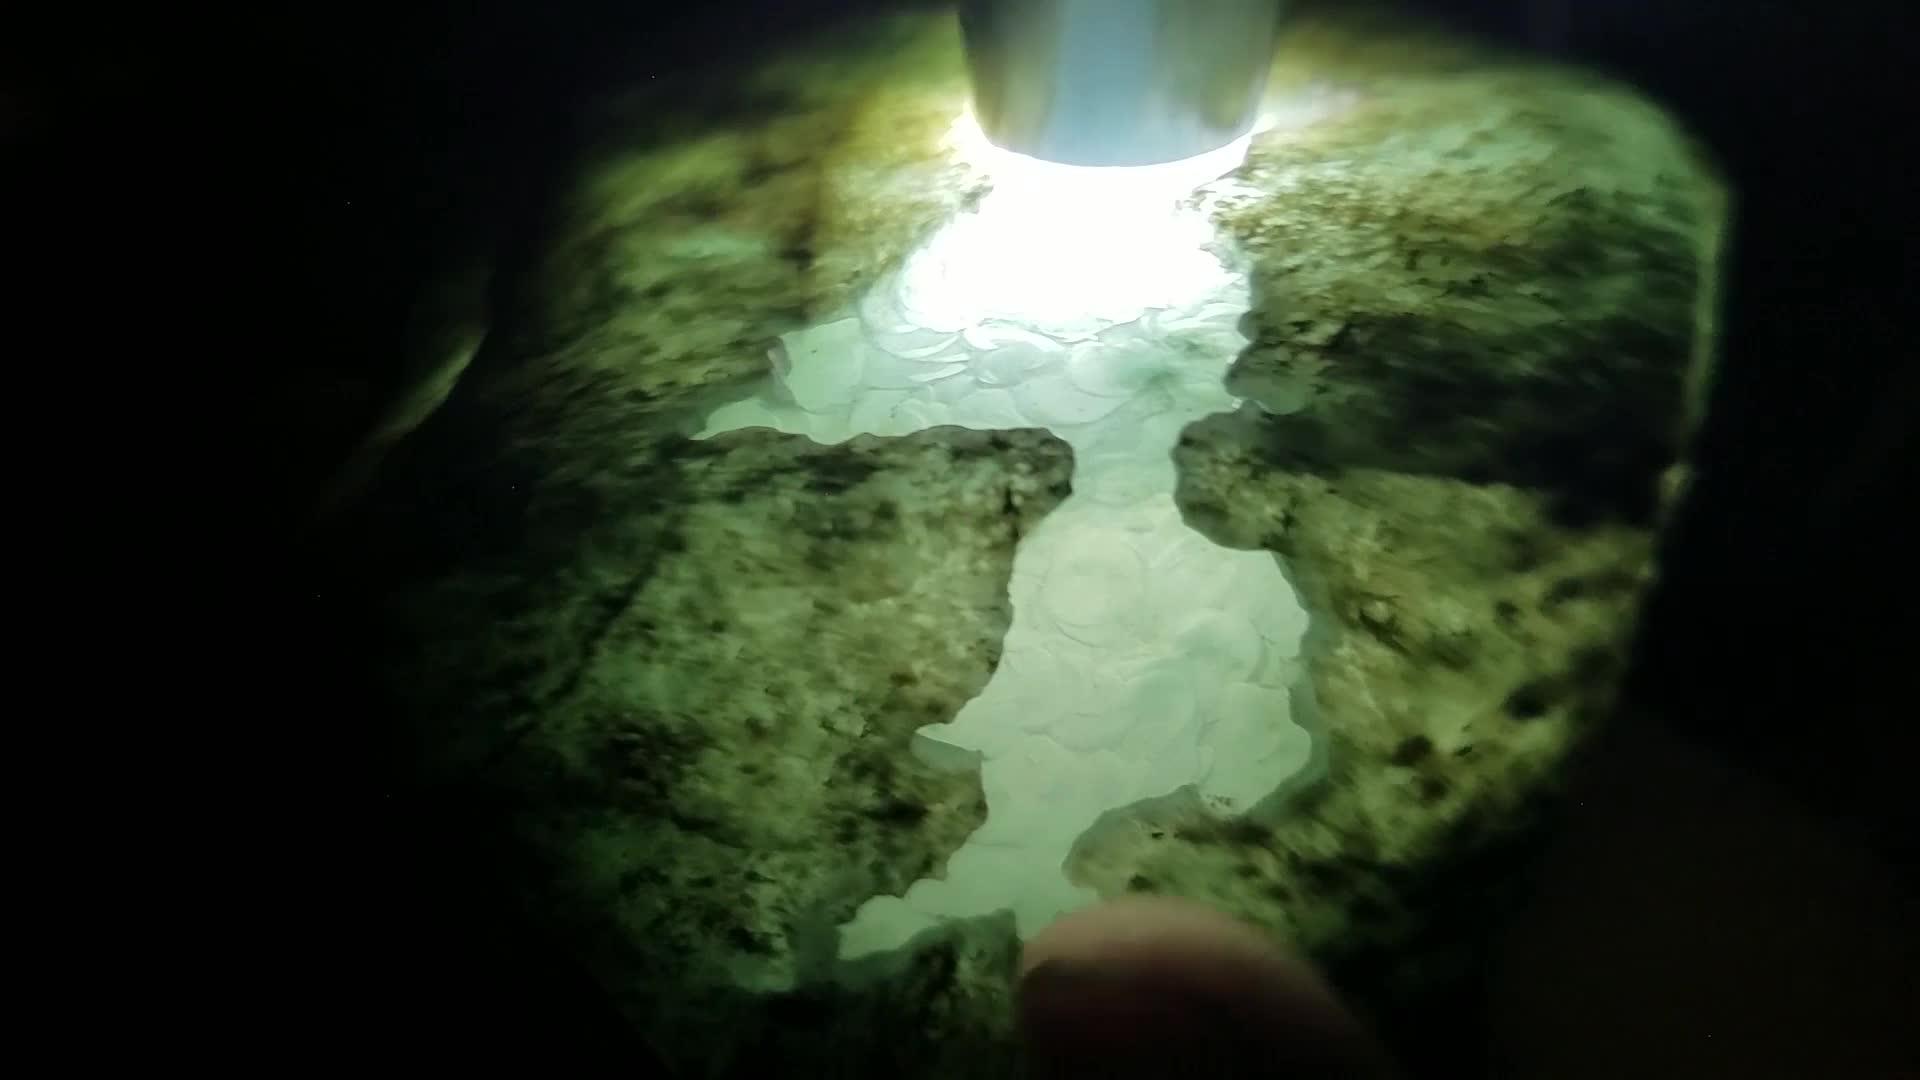 #赌石#莫西沙翡翠小原石,却切出高冰翡翠,成品龙牌扬眉吐气!